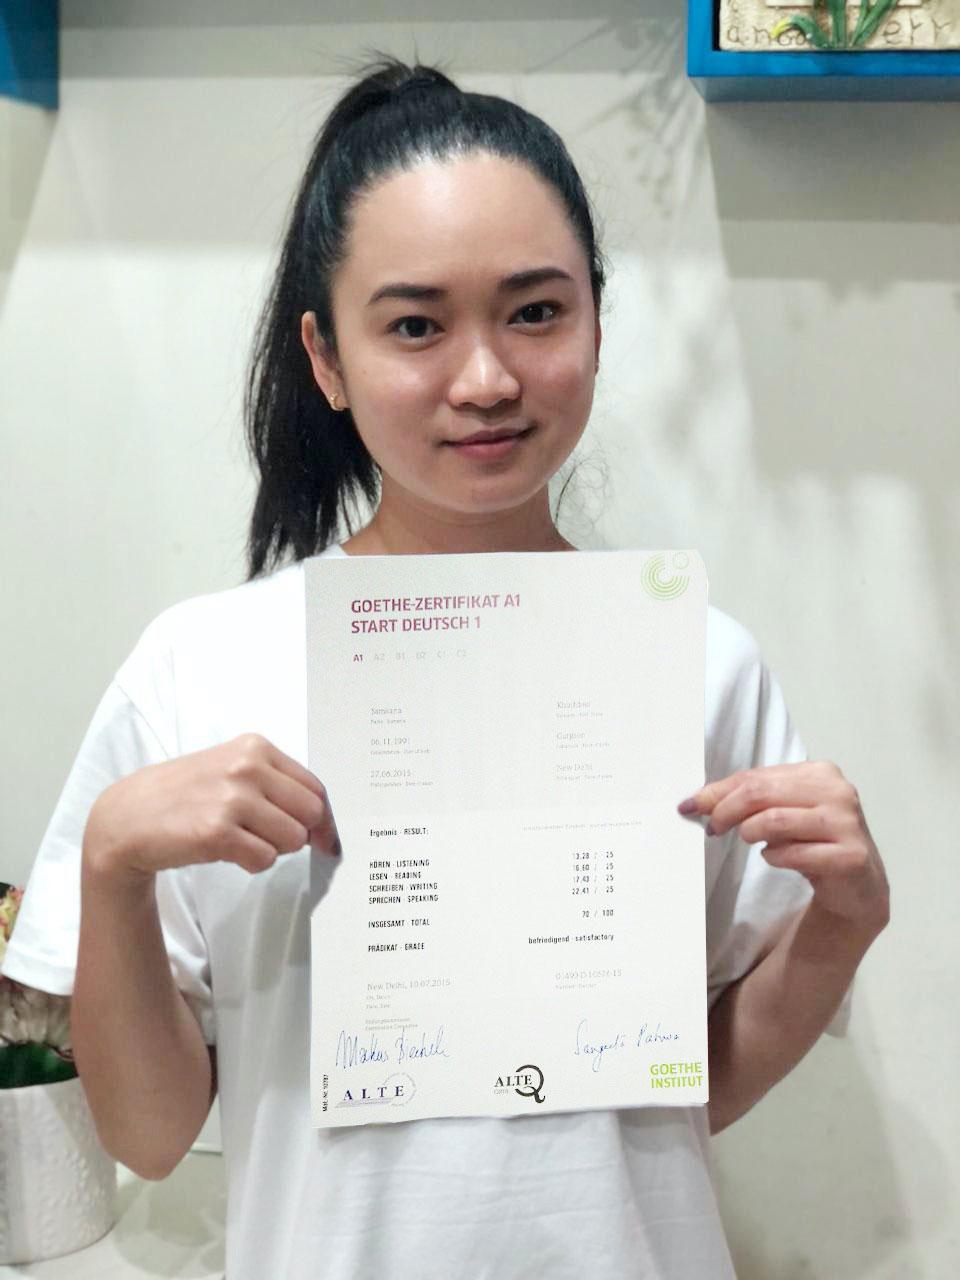 Cherie hat ihr A1 Zertifikat erfolgreich bestanden